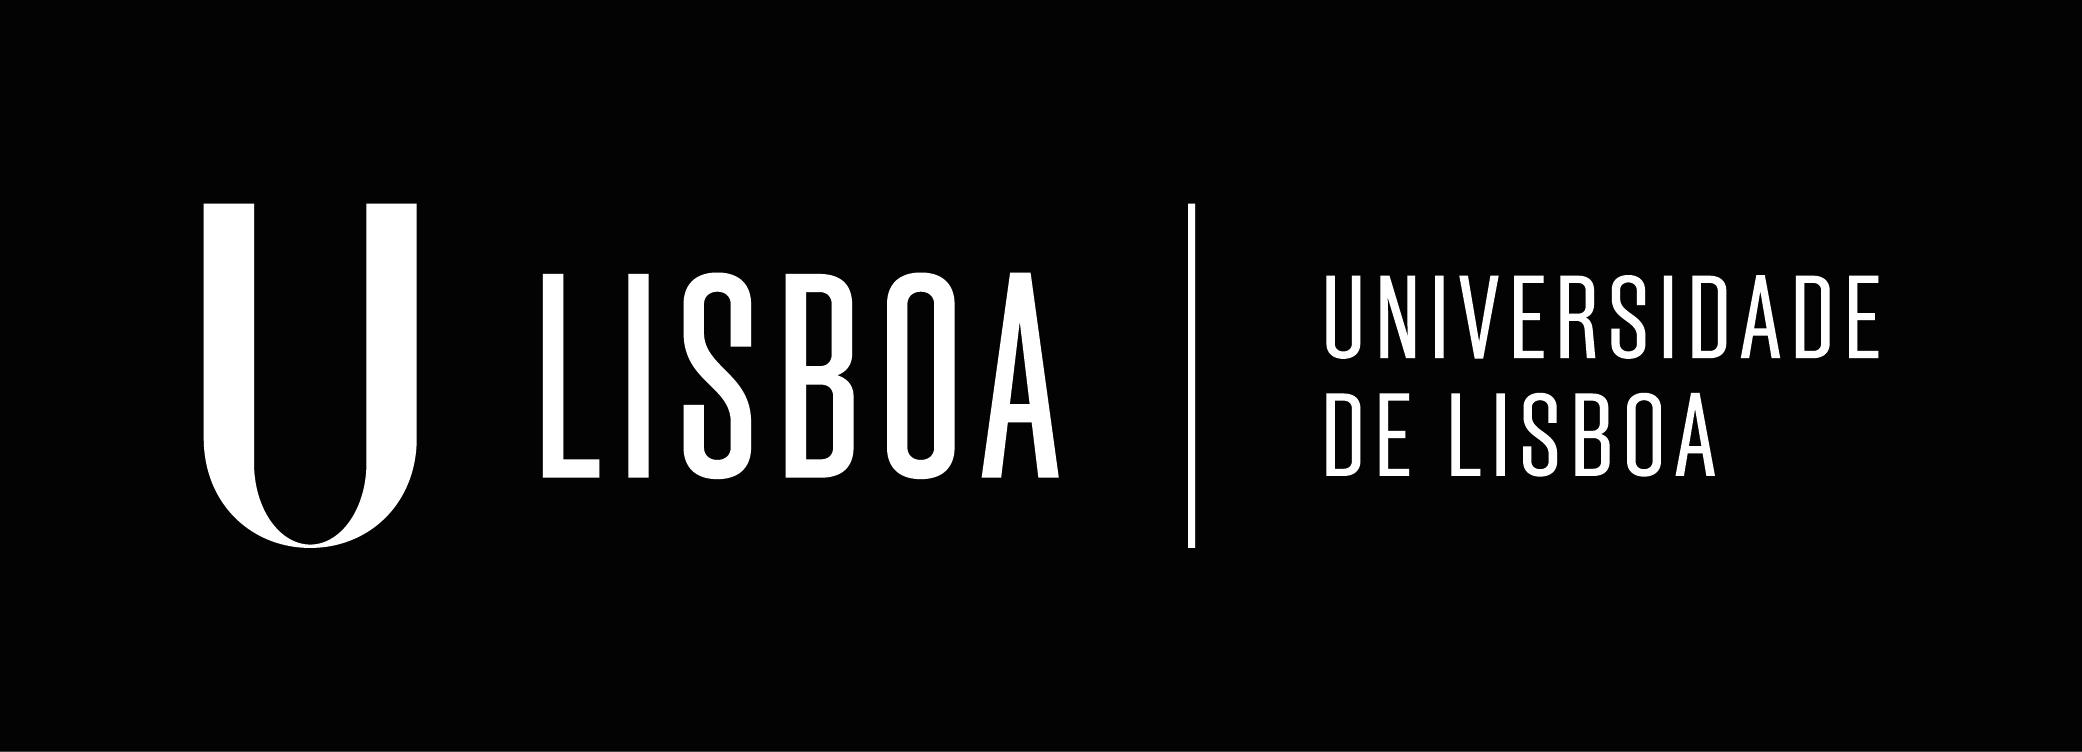 ULISBOA_HORIZONTAL_NEG_RGB